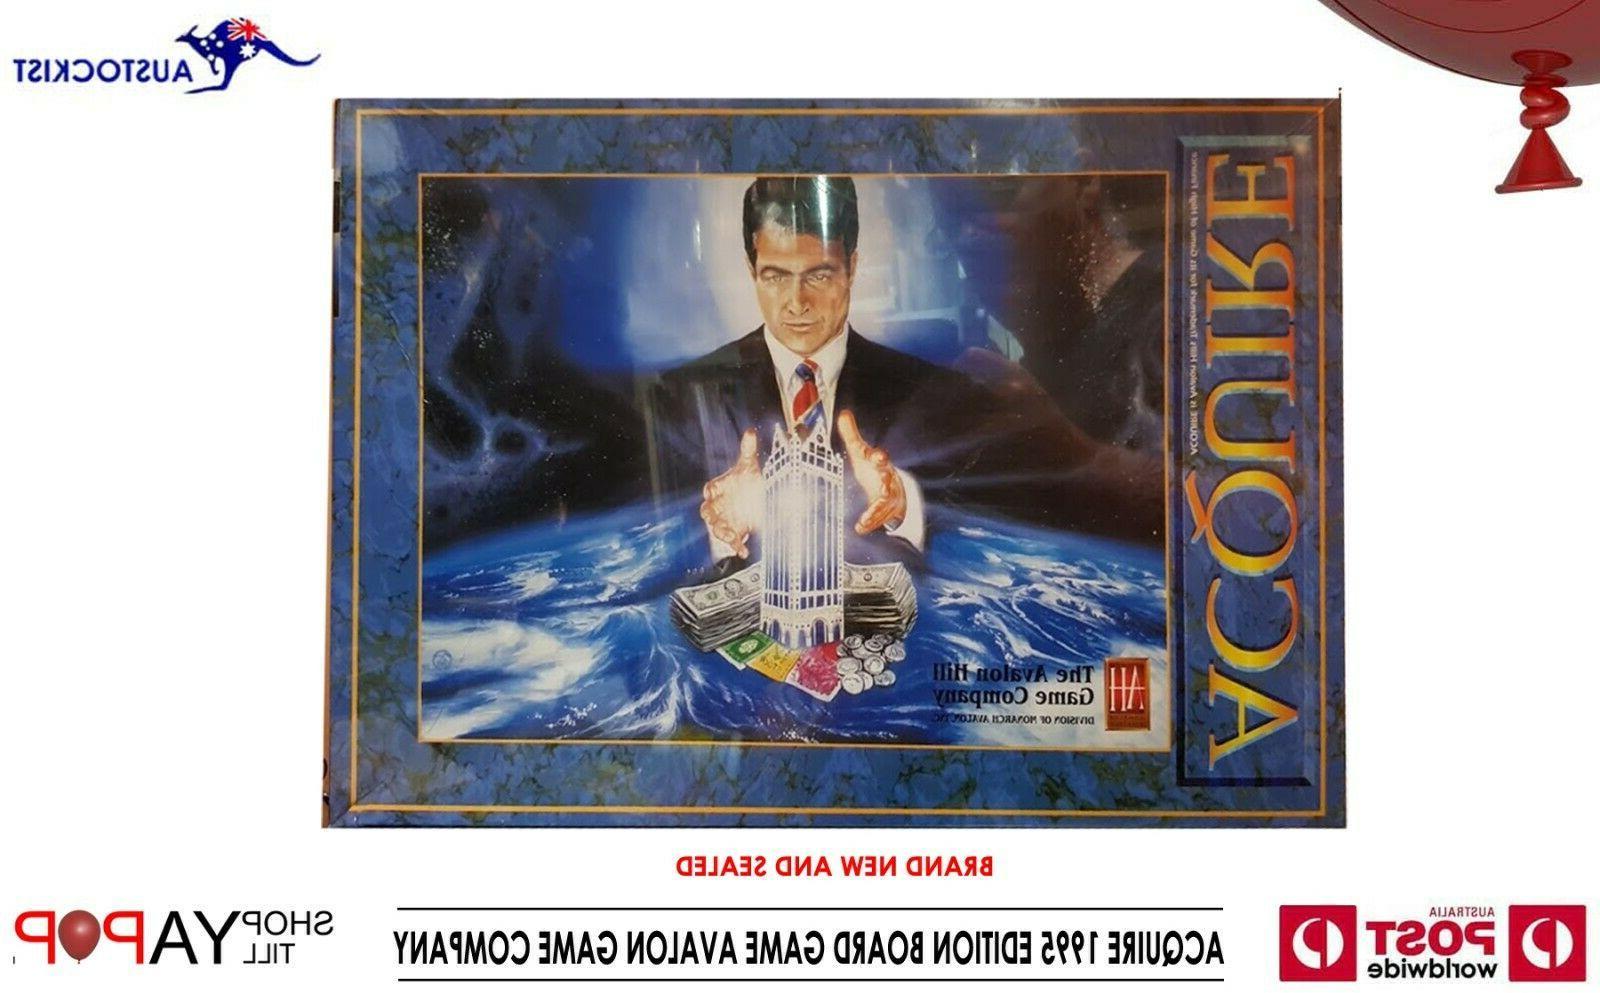 aquire board game vintage 2005 edition bnib